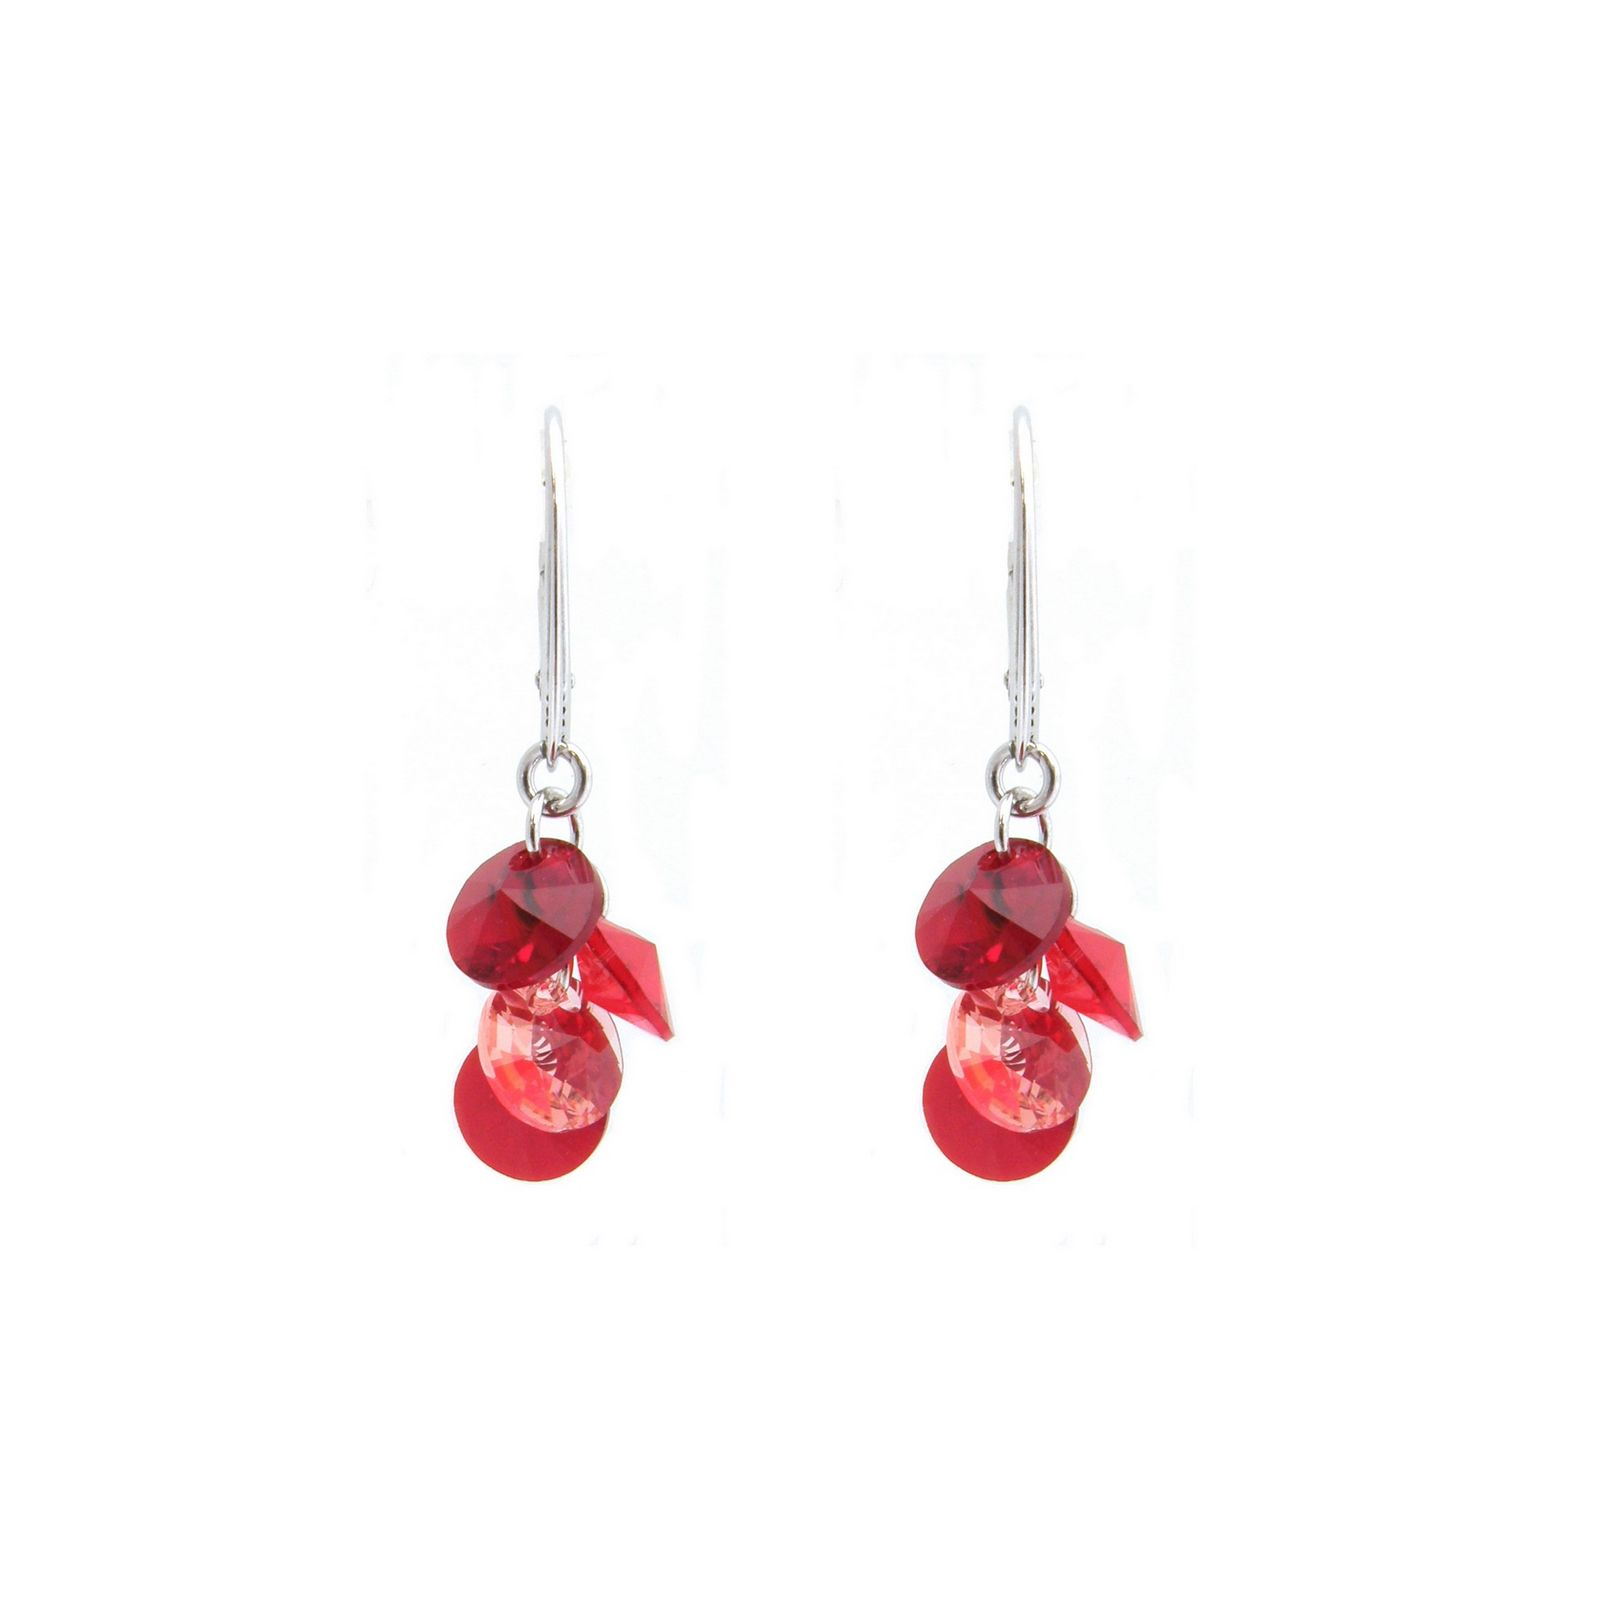 Boucles d'oreilles Indicolite Helen en argent et cristaux Swarovski rouges